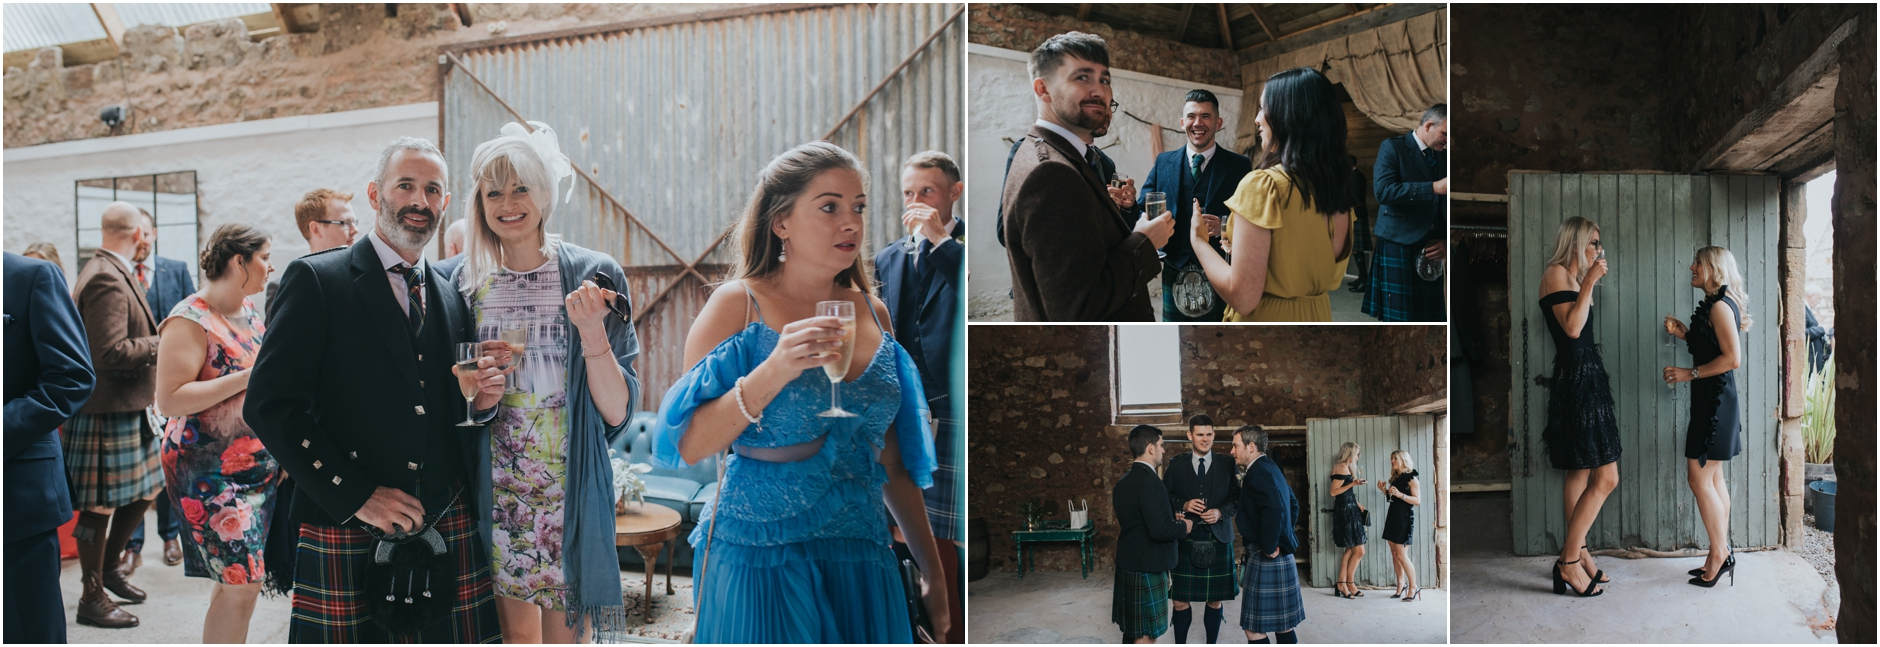 althernartive barn wedding scotland